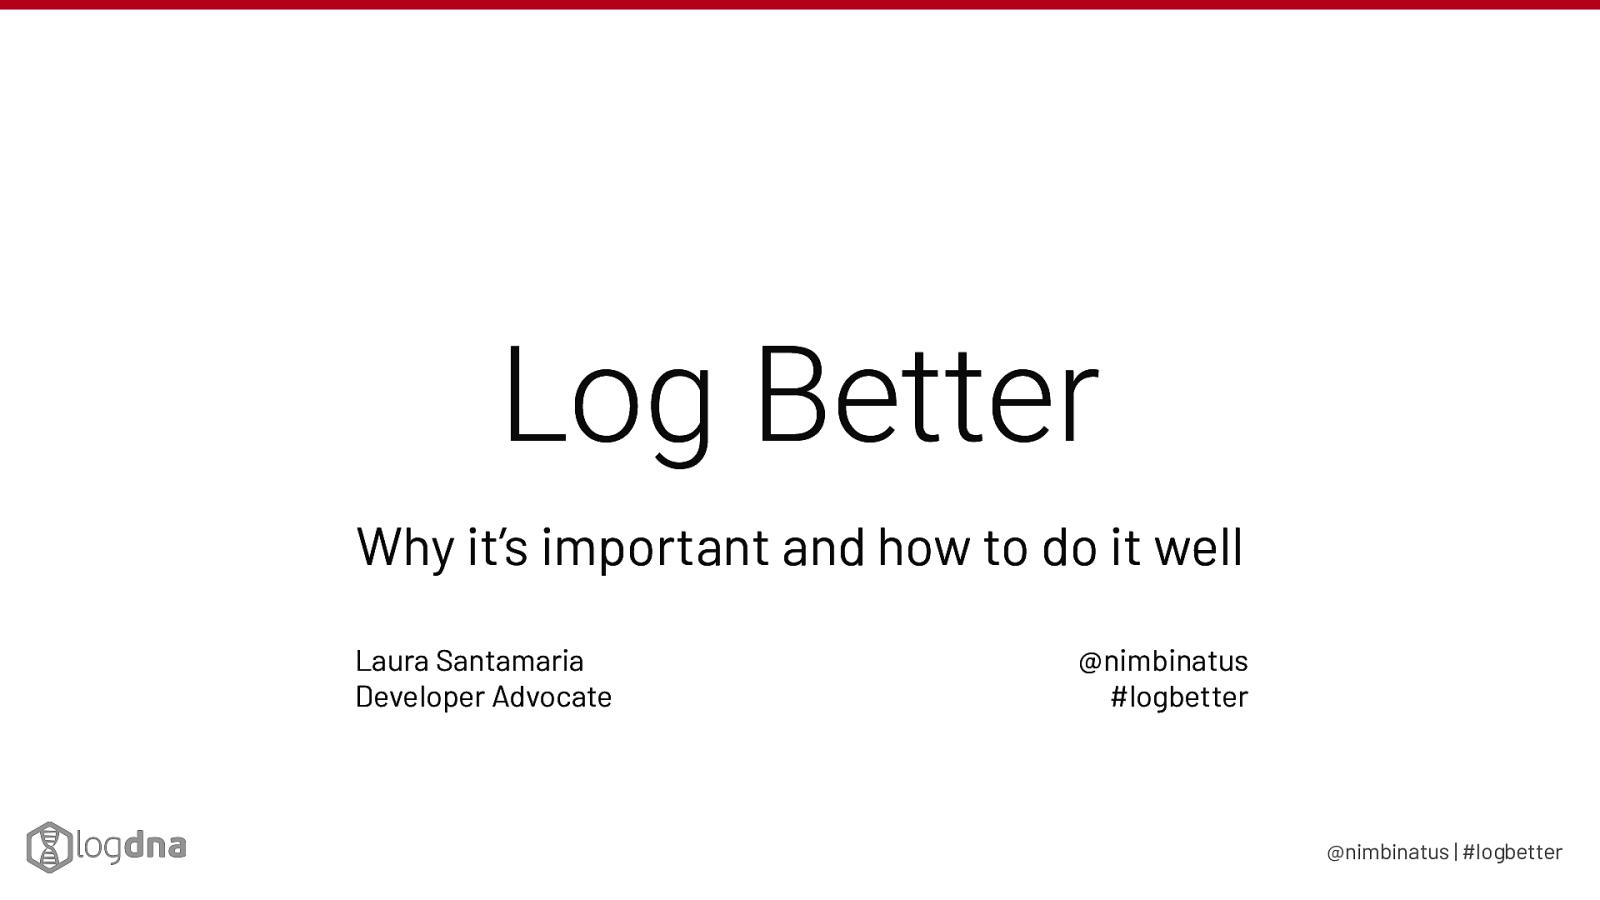 Log Better